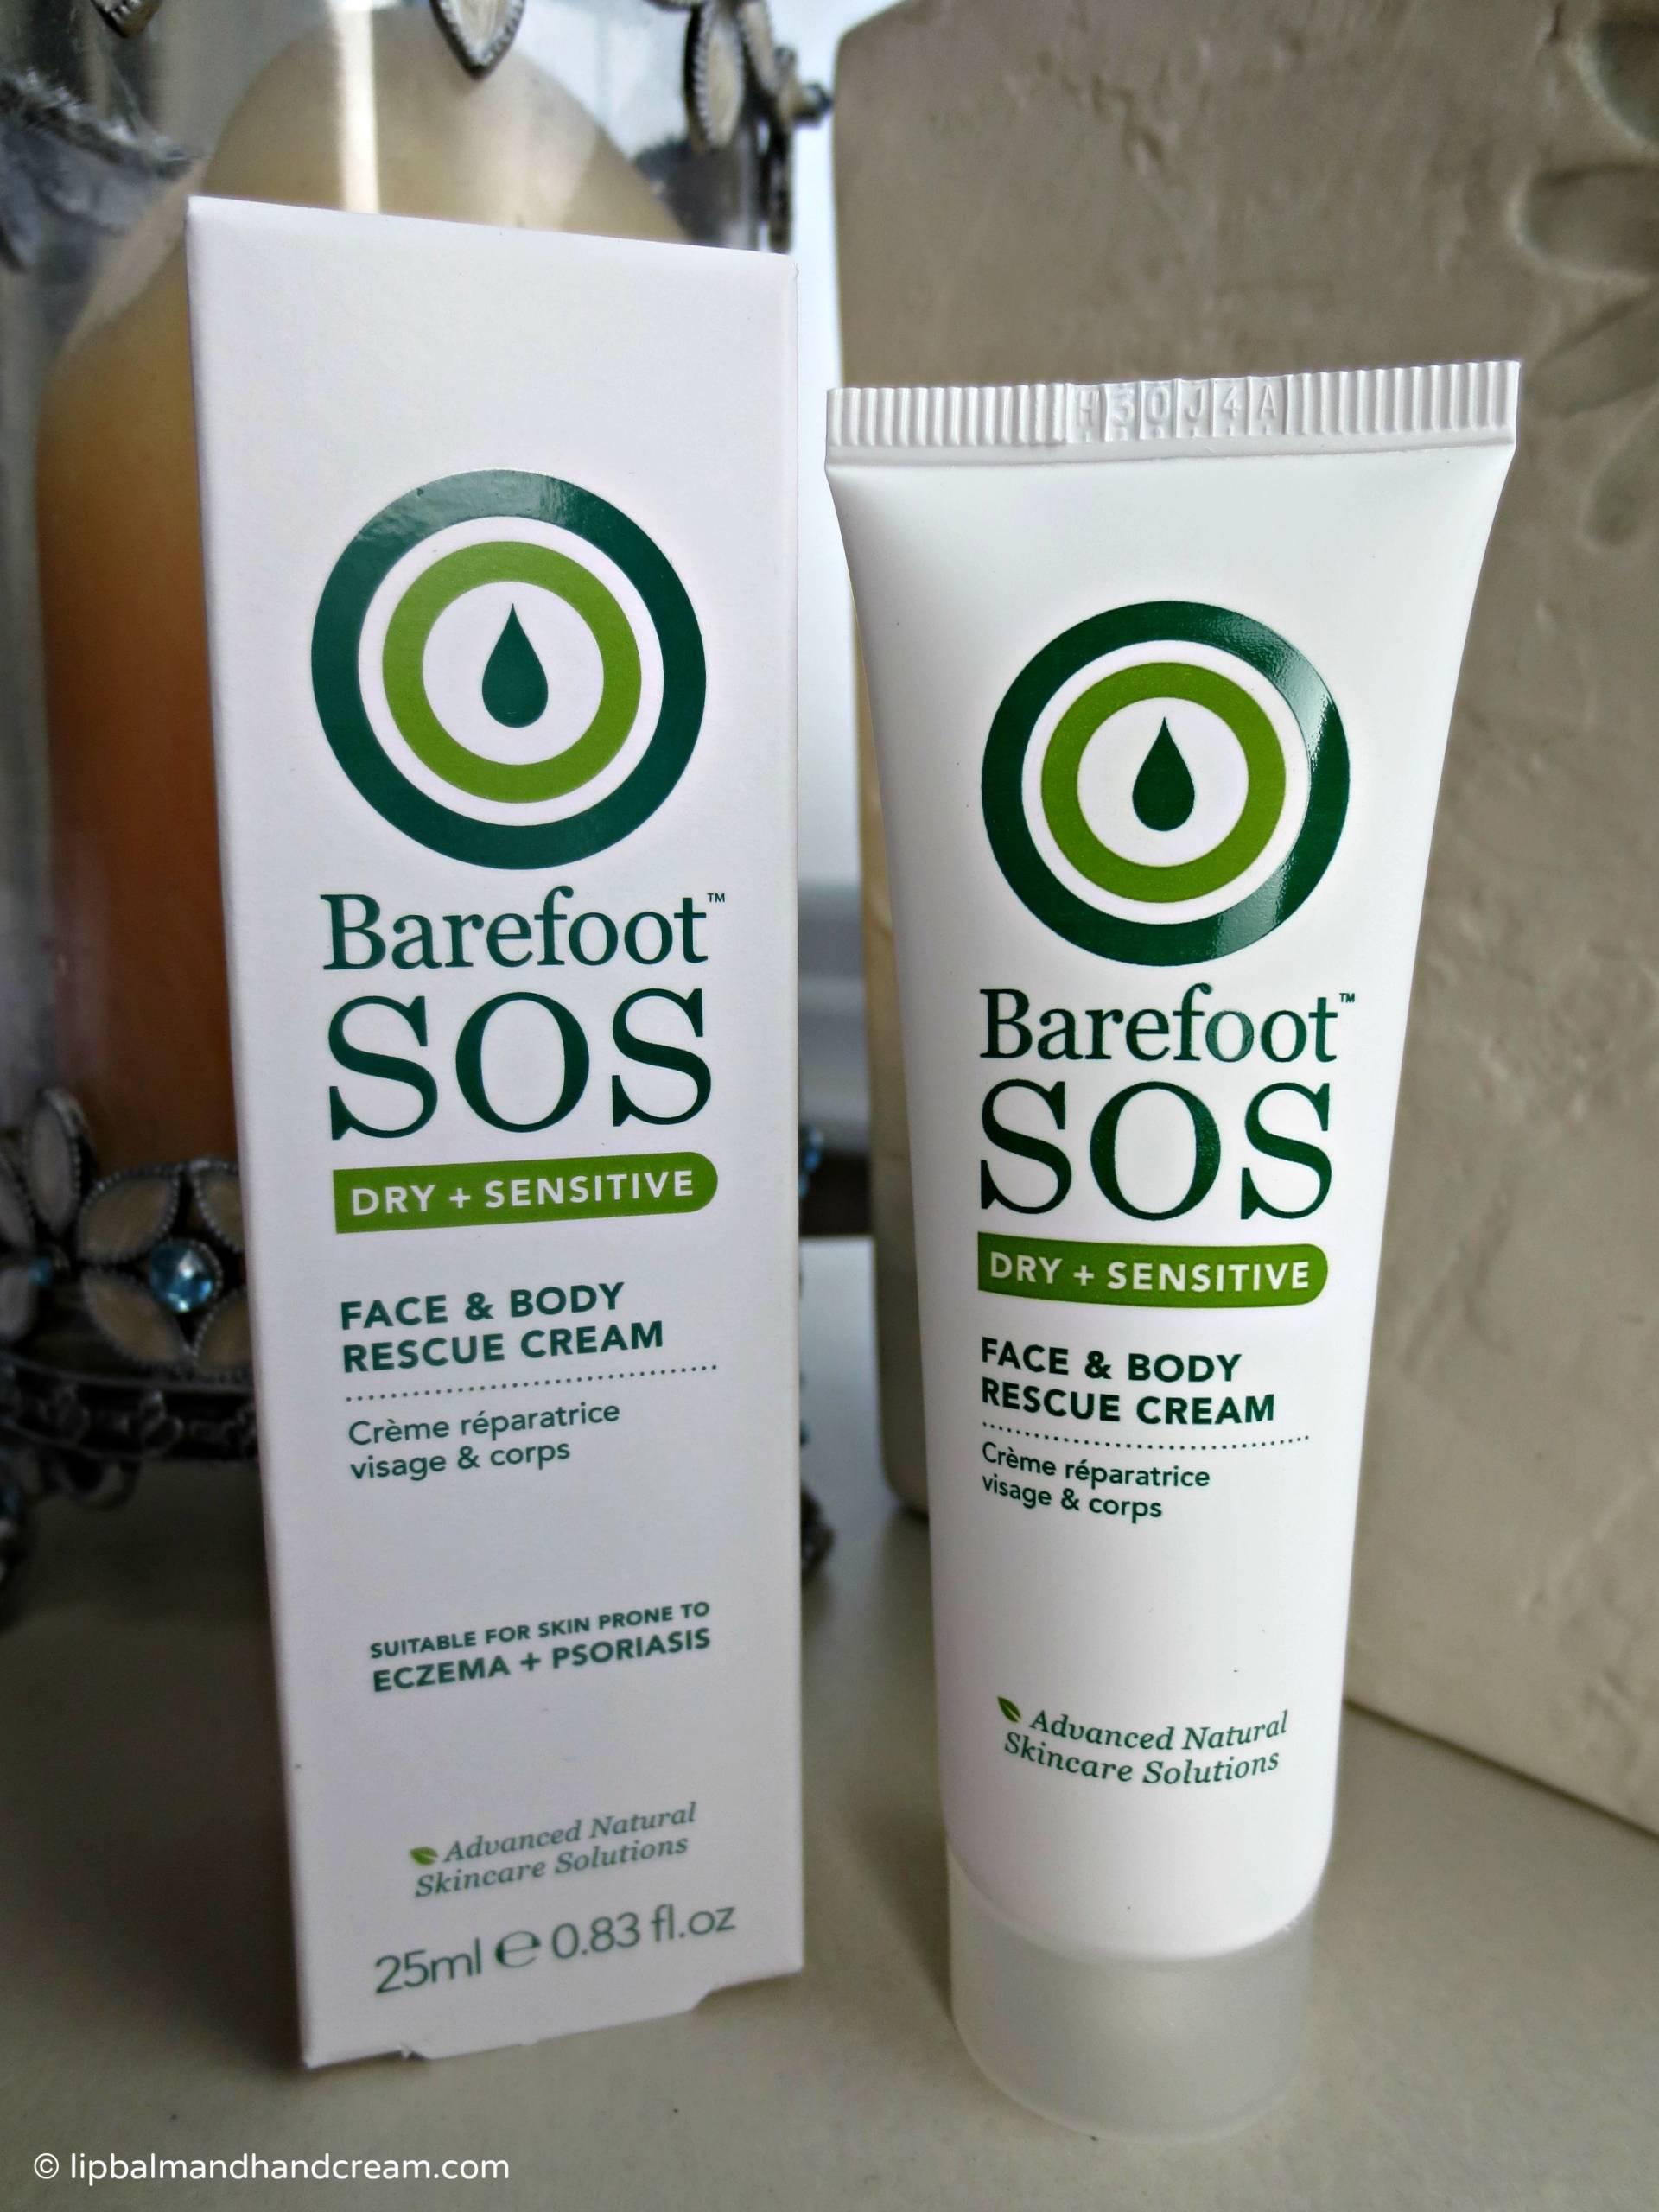 Barefoot sos face & body rescue cream